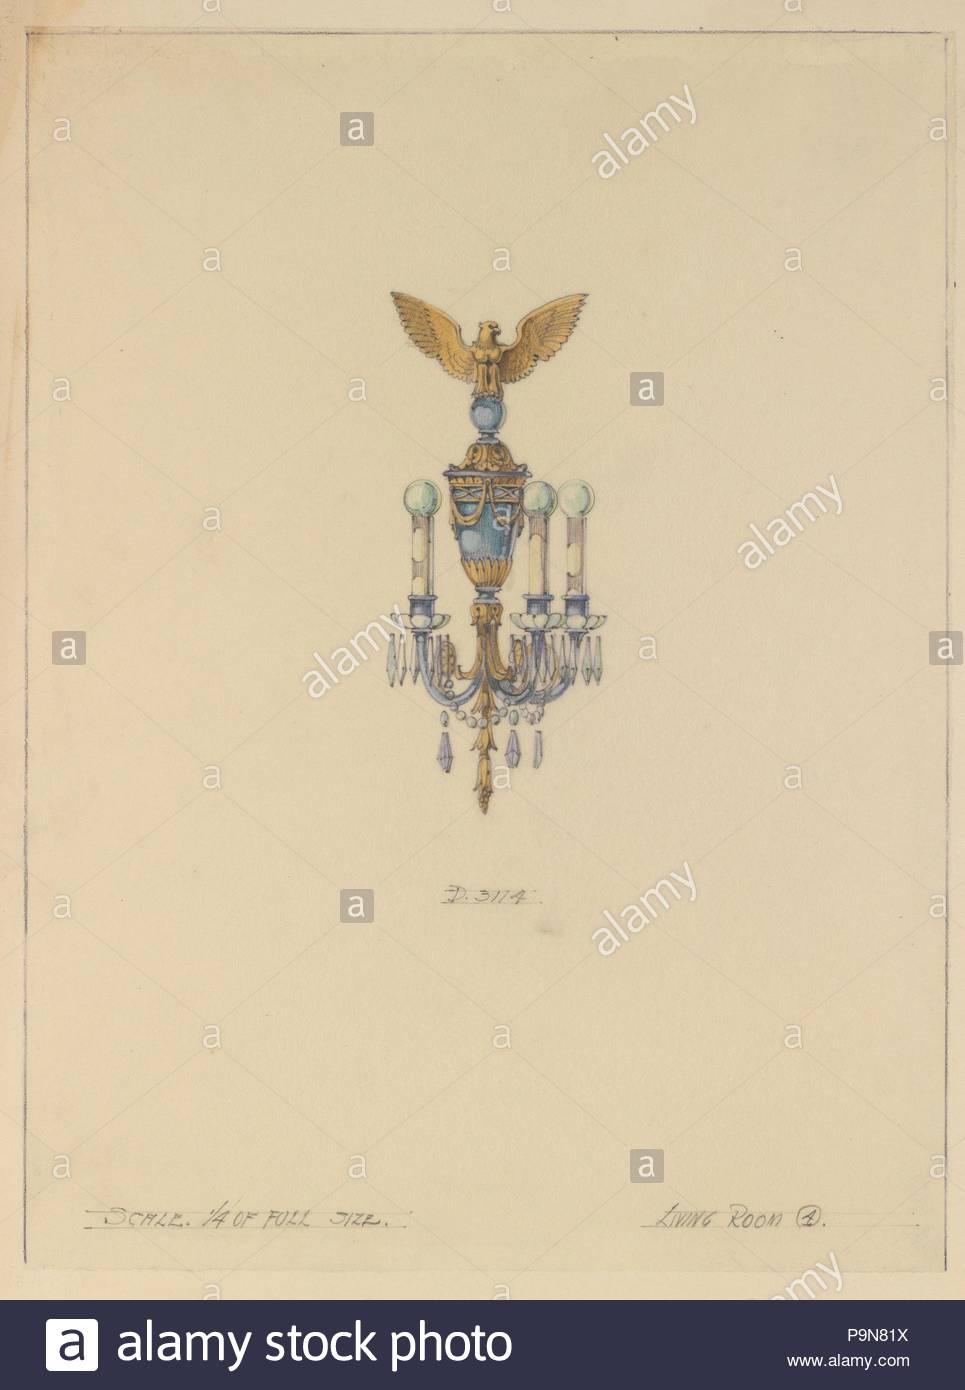 Design Per Fissaggio A Parete Ca 1905 20 Realizzato A New York